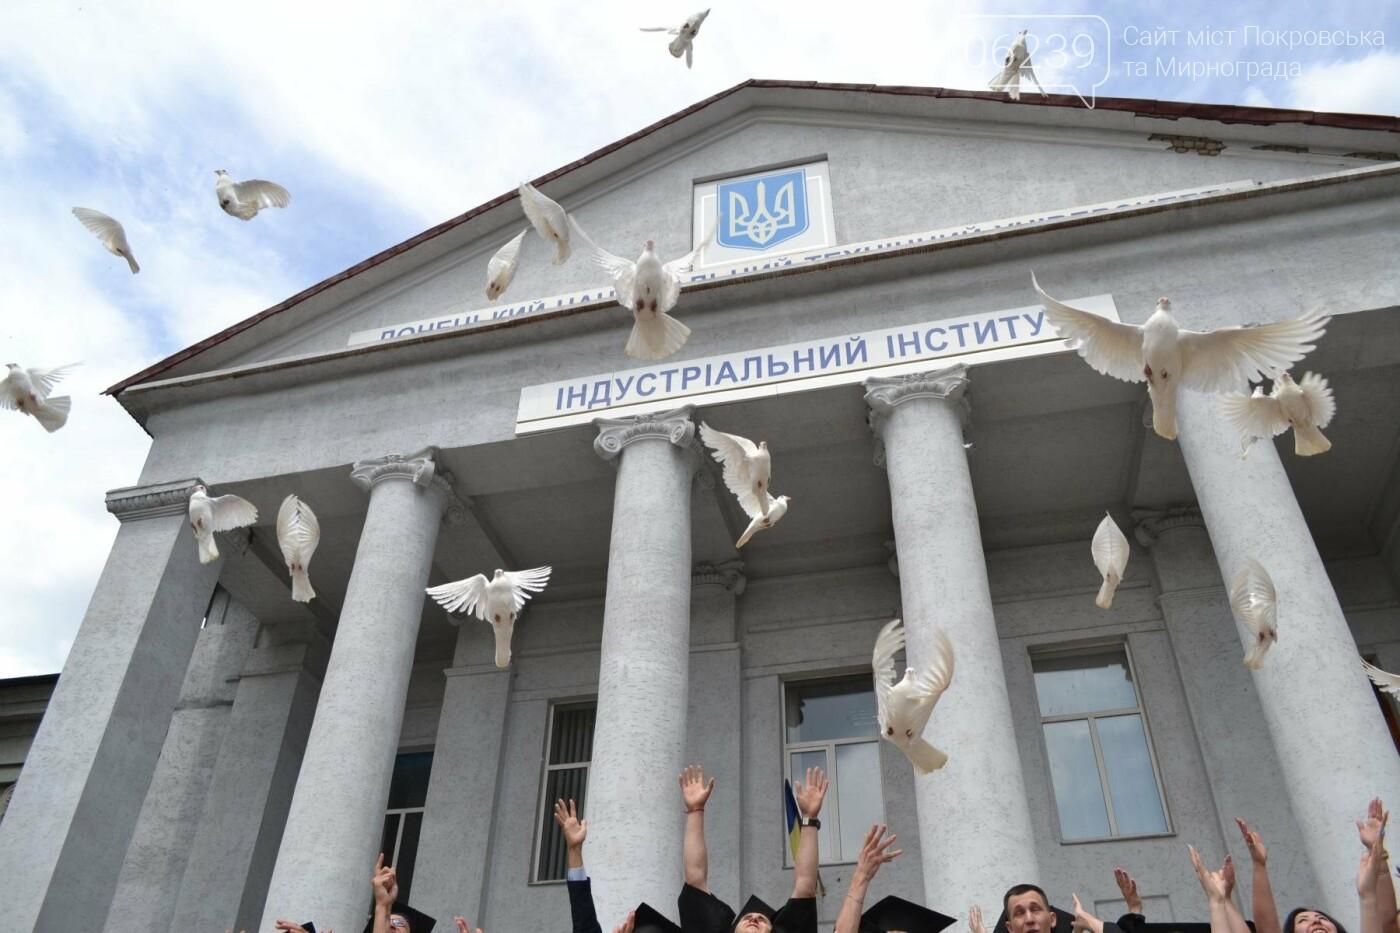 У Покровську в Індустріальному інституті ДонНТУ відбулося традиційне урочисте вручення дипломів випускникам, фото-1